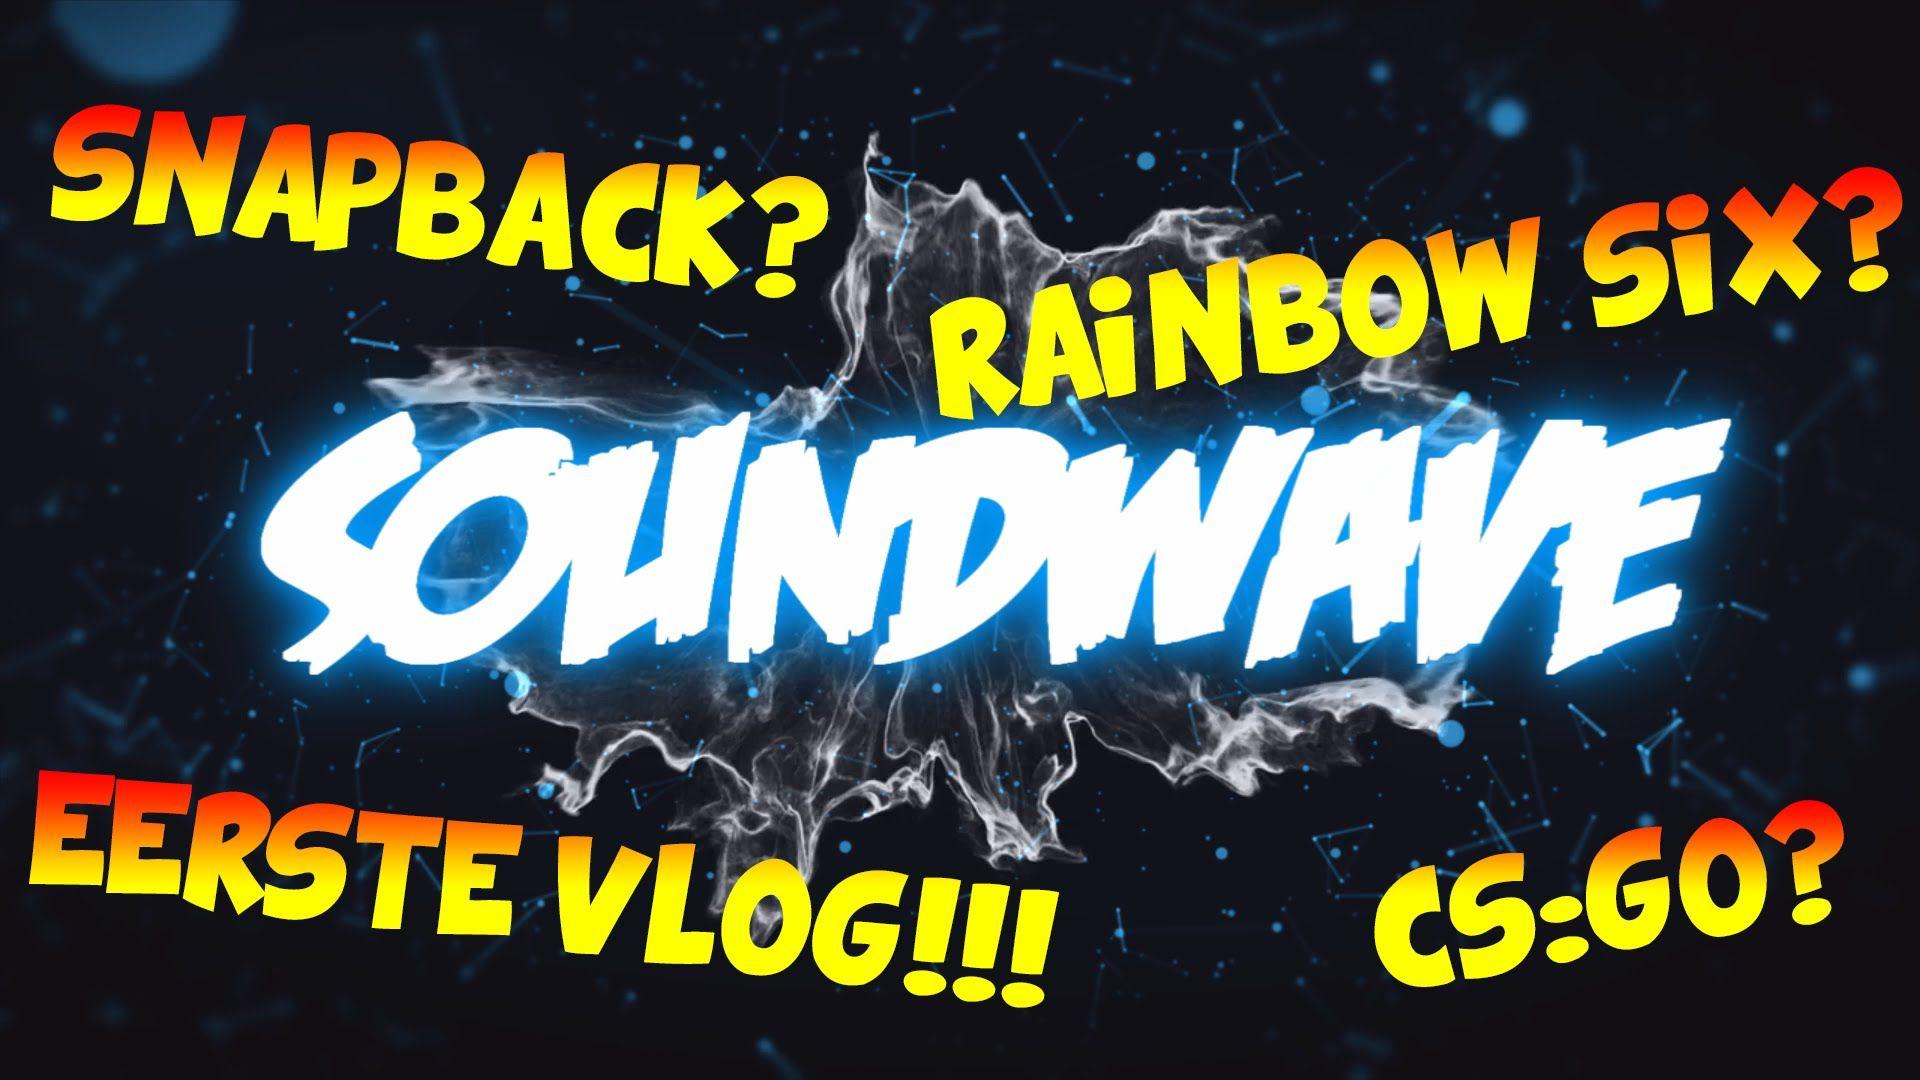 Eerste vlog op het kanaalcsgorainbow sixsnapback